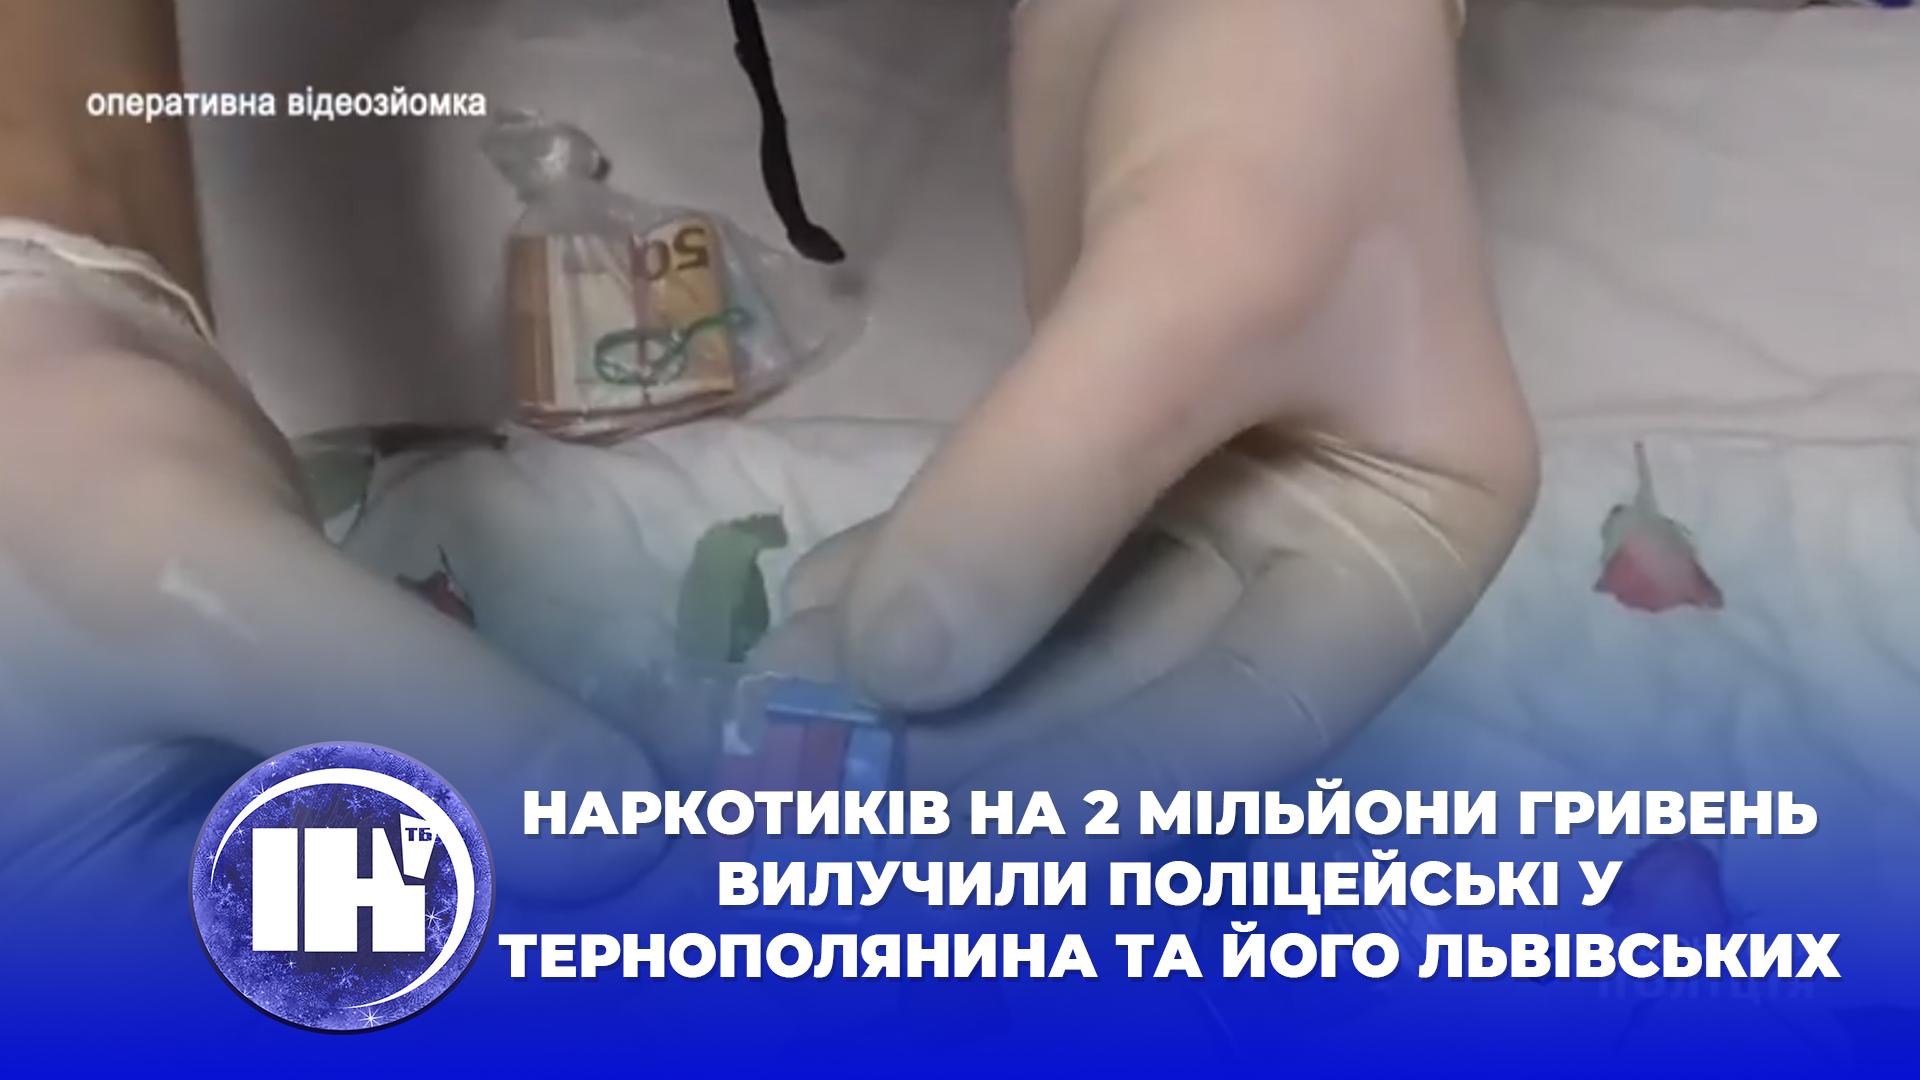 Наркотиків на 2 мільйони гривень вилучили поліцейські у тернополянина та його львівських спільників